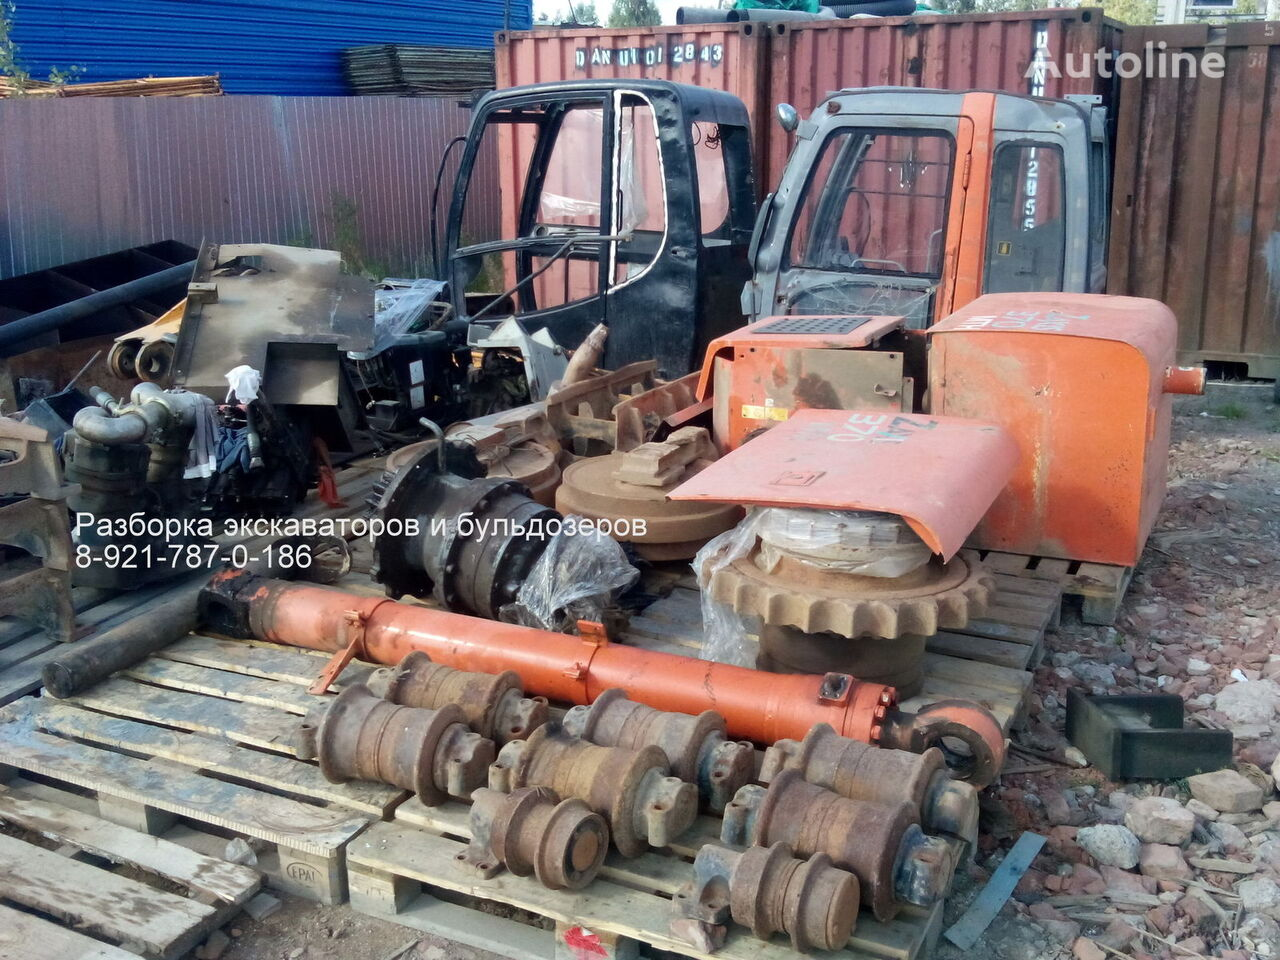 track roller for excavator